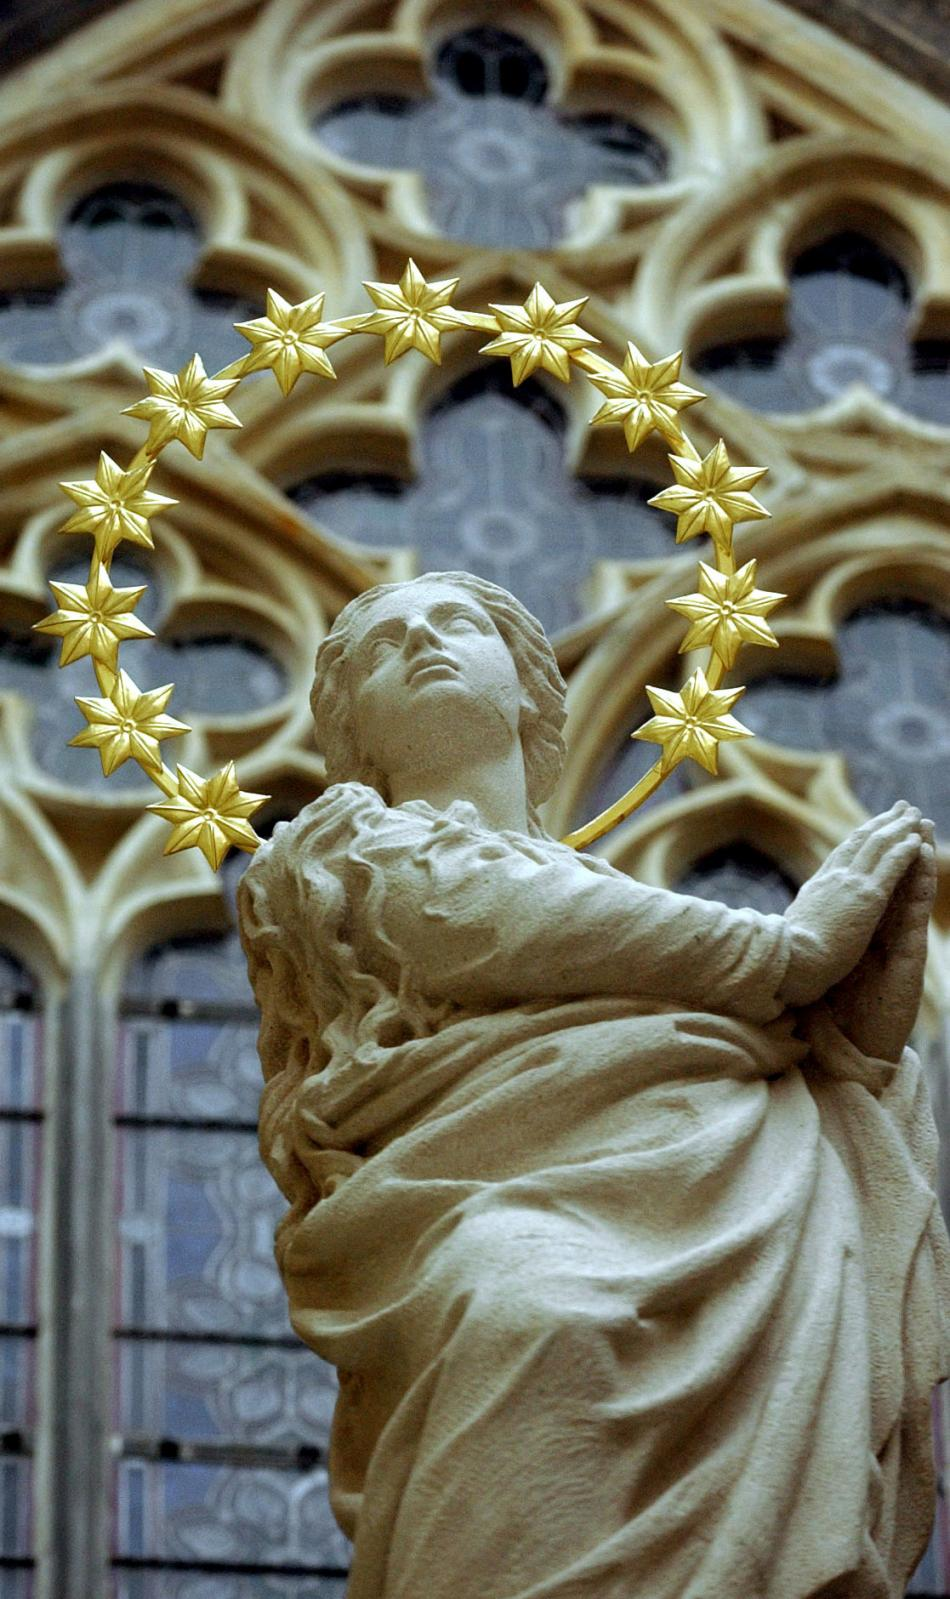 Kopie sochy Panny Marie z Mariánského sloupu